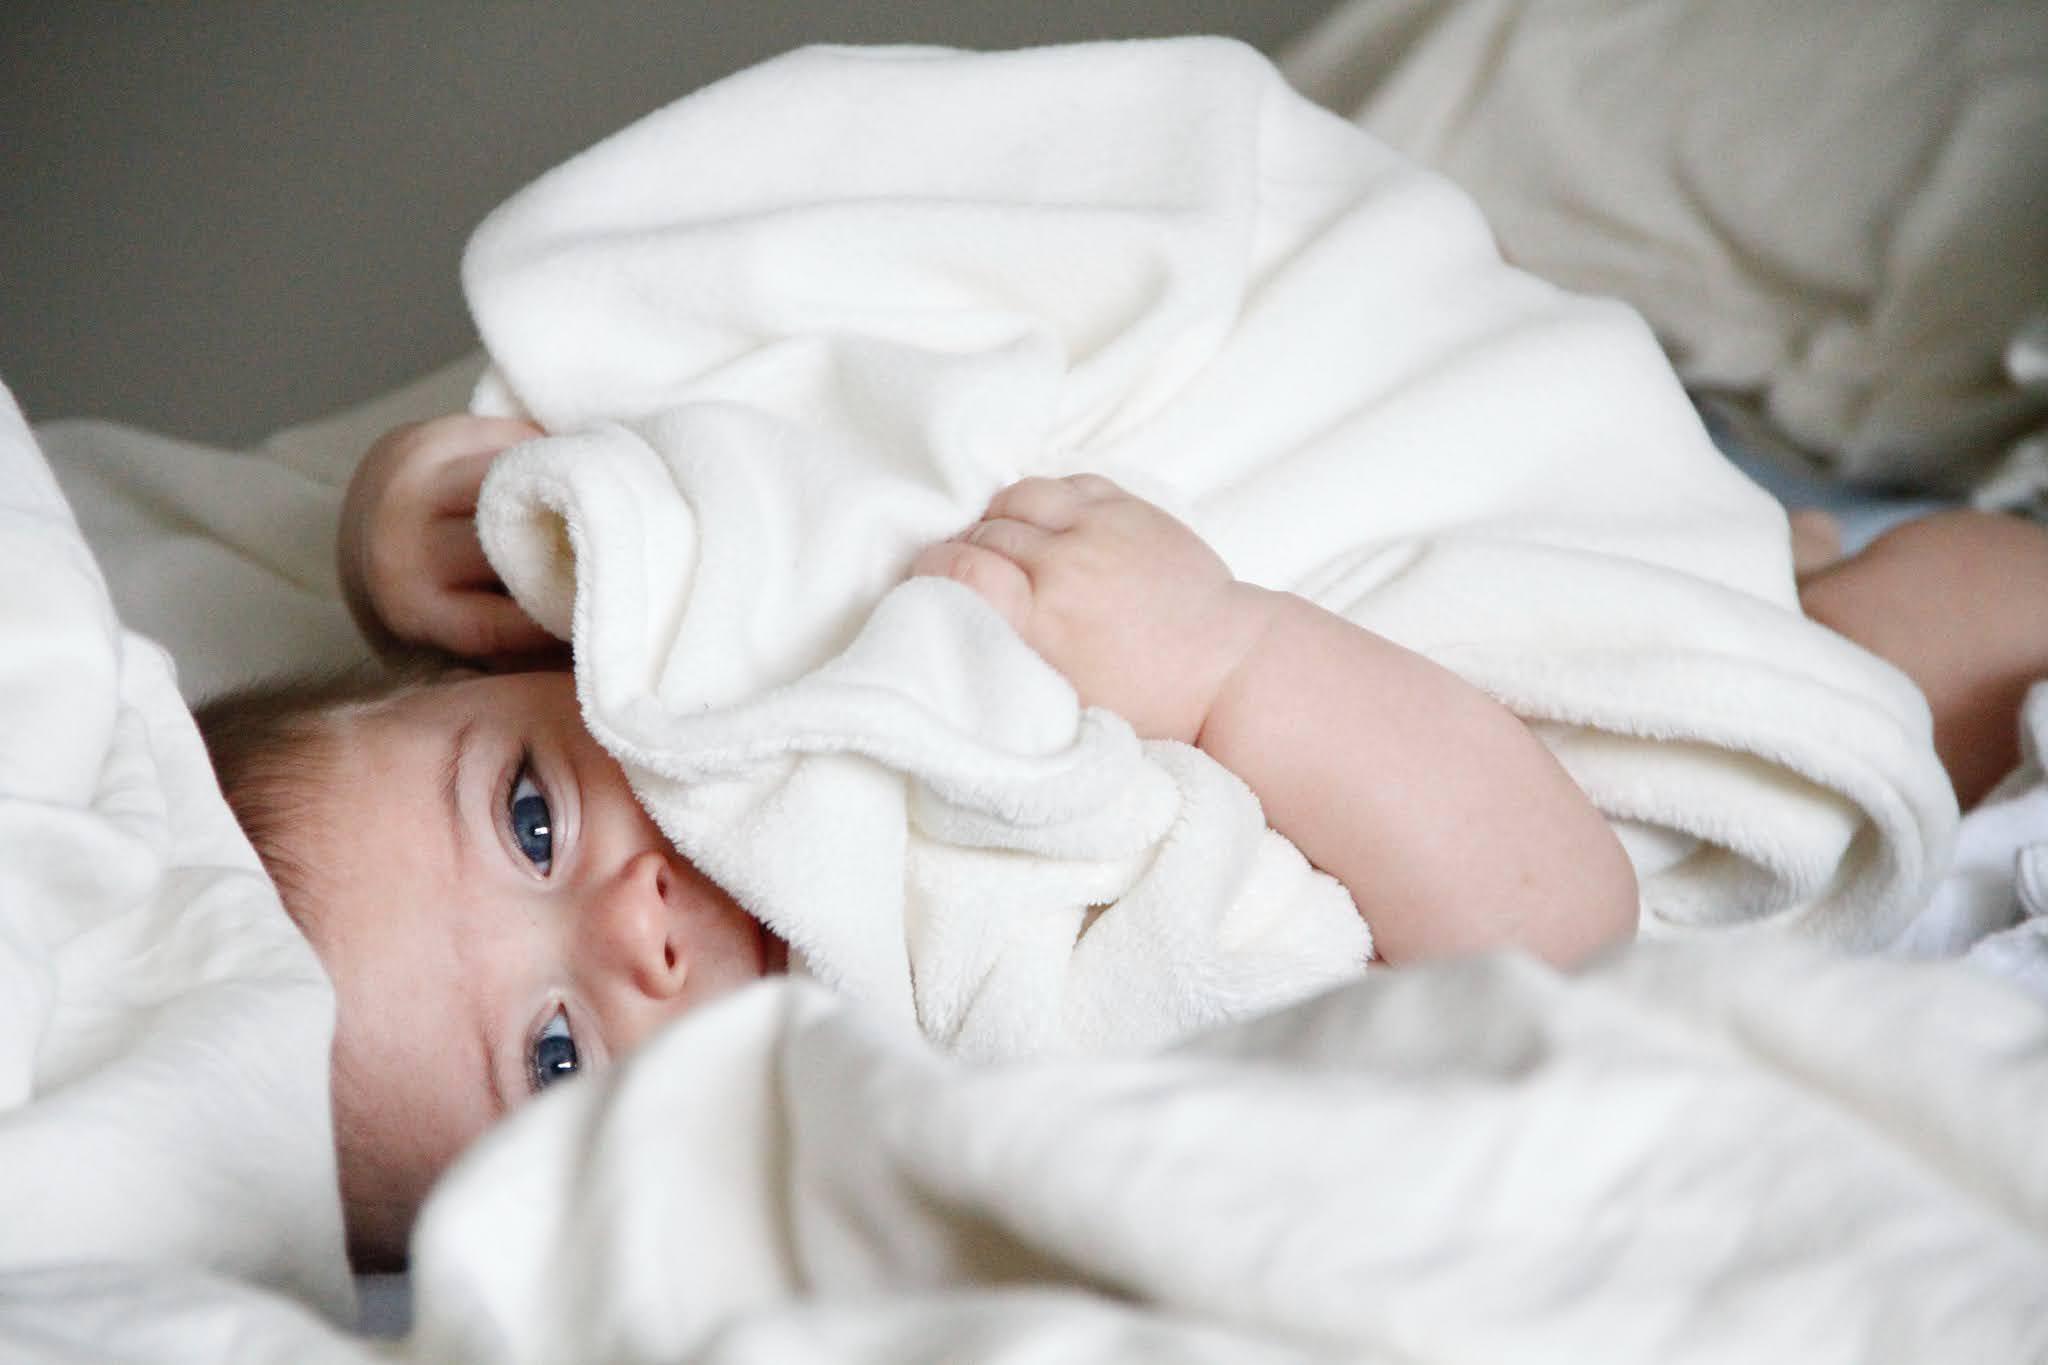 هل طفح الجلدي عند الاطفال بسبب حساسية من الطعام